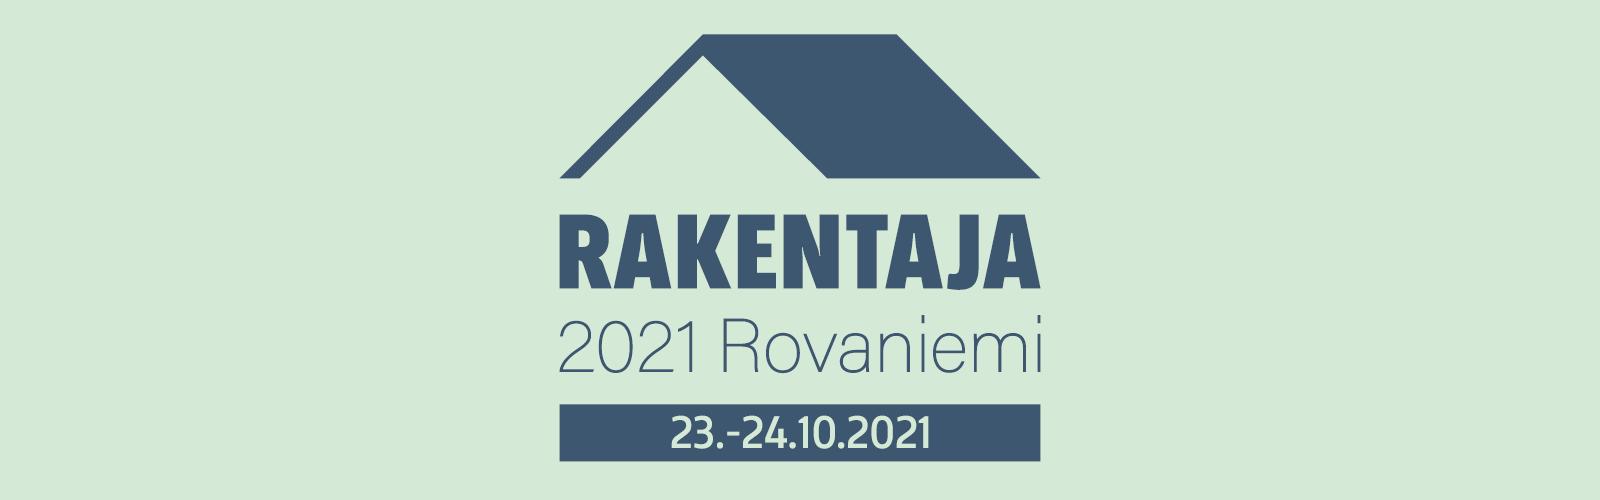 Rakentaja 2021 Rovaniemi